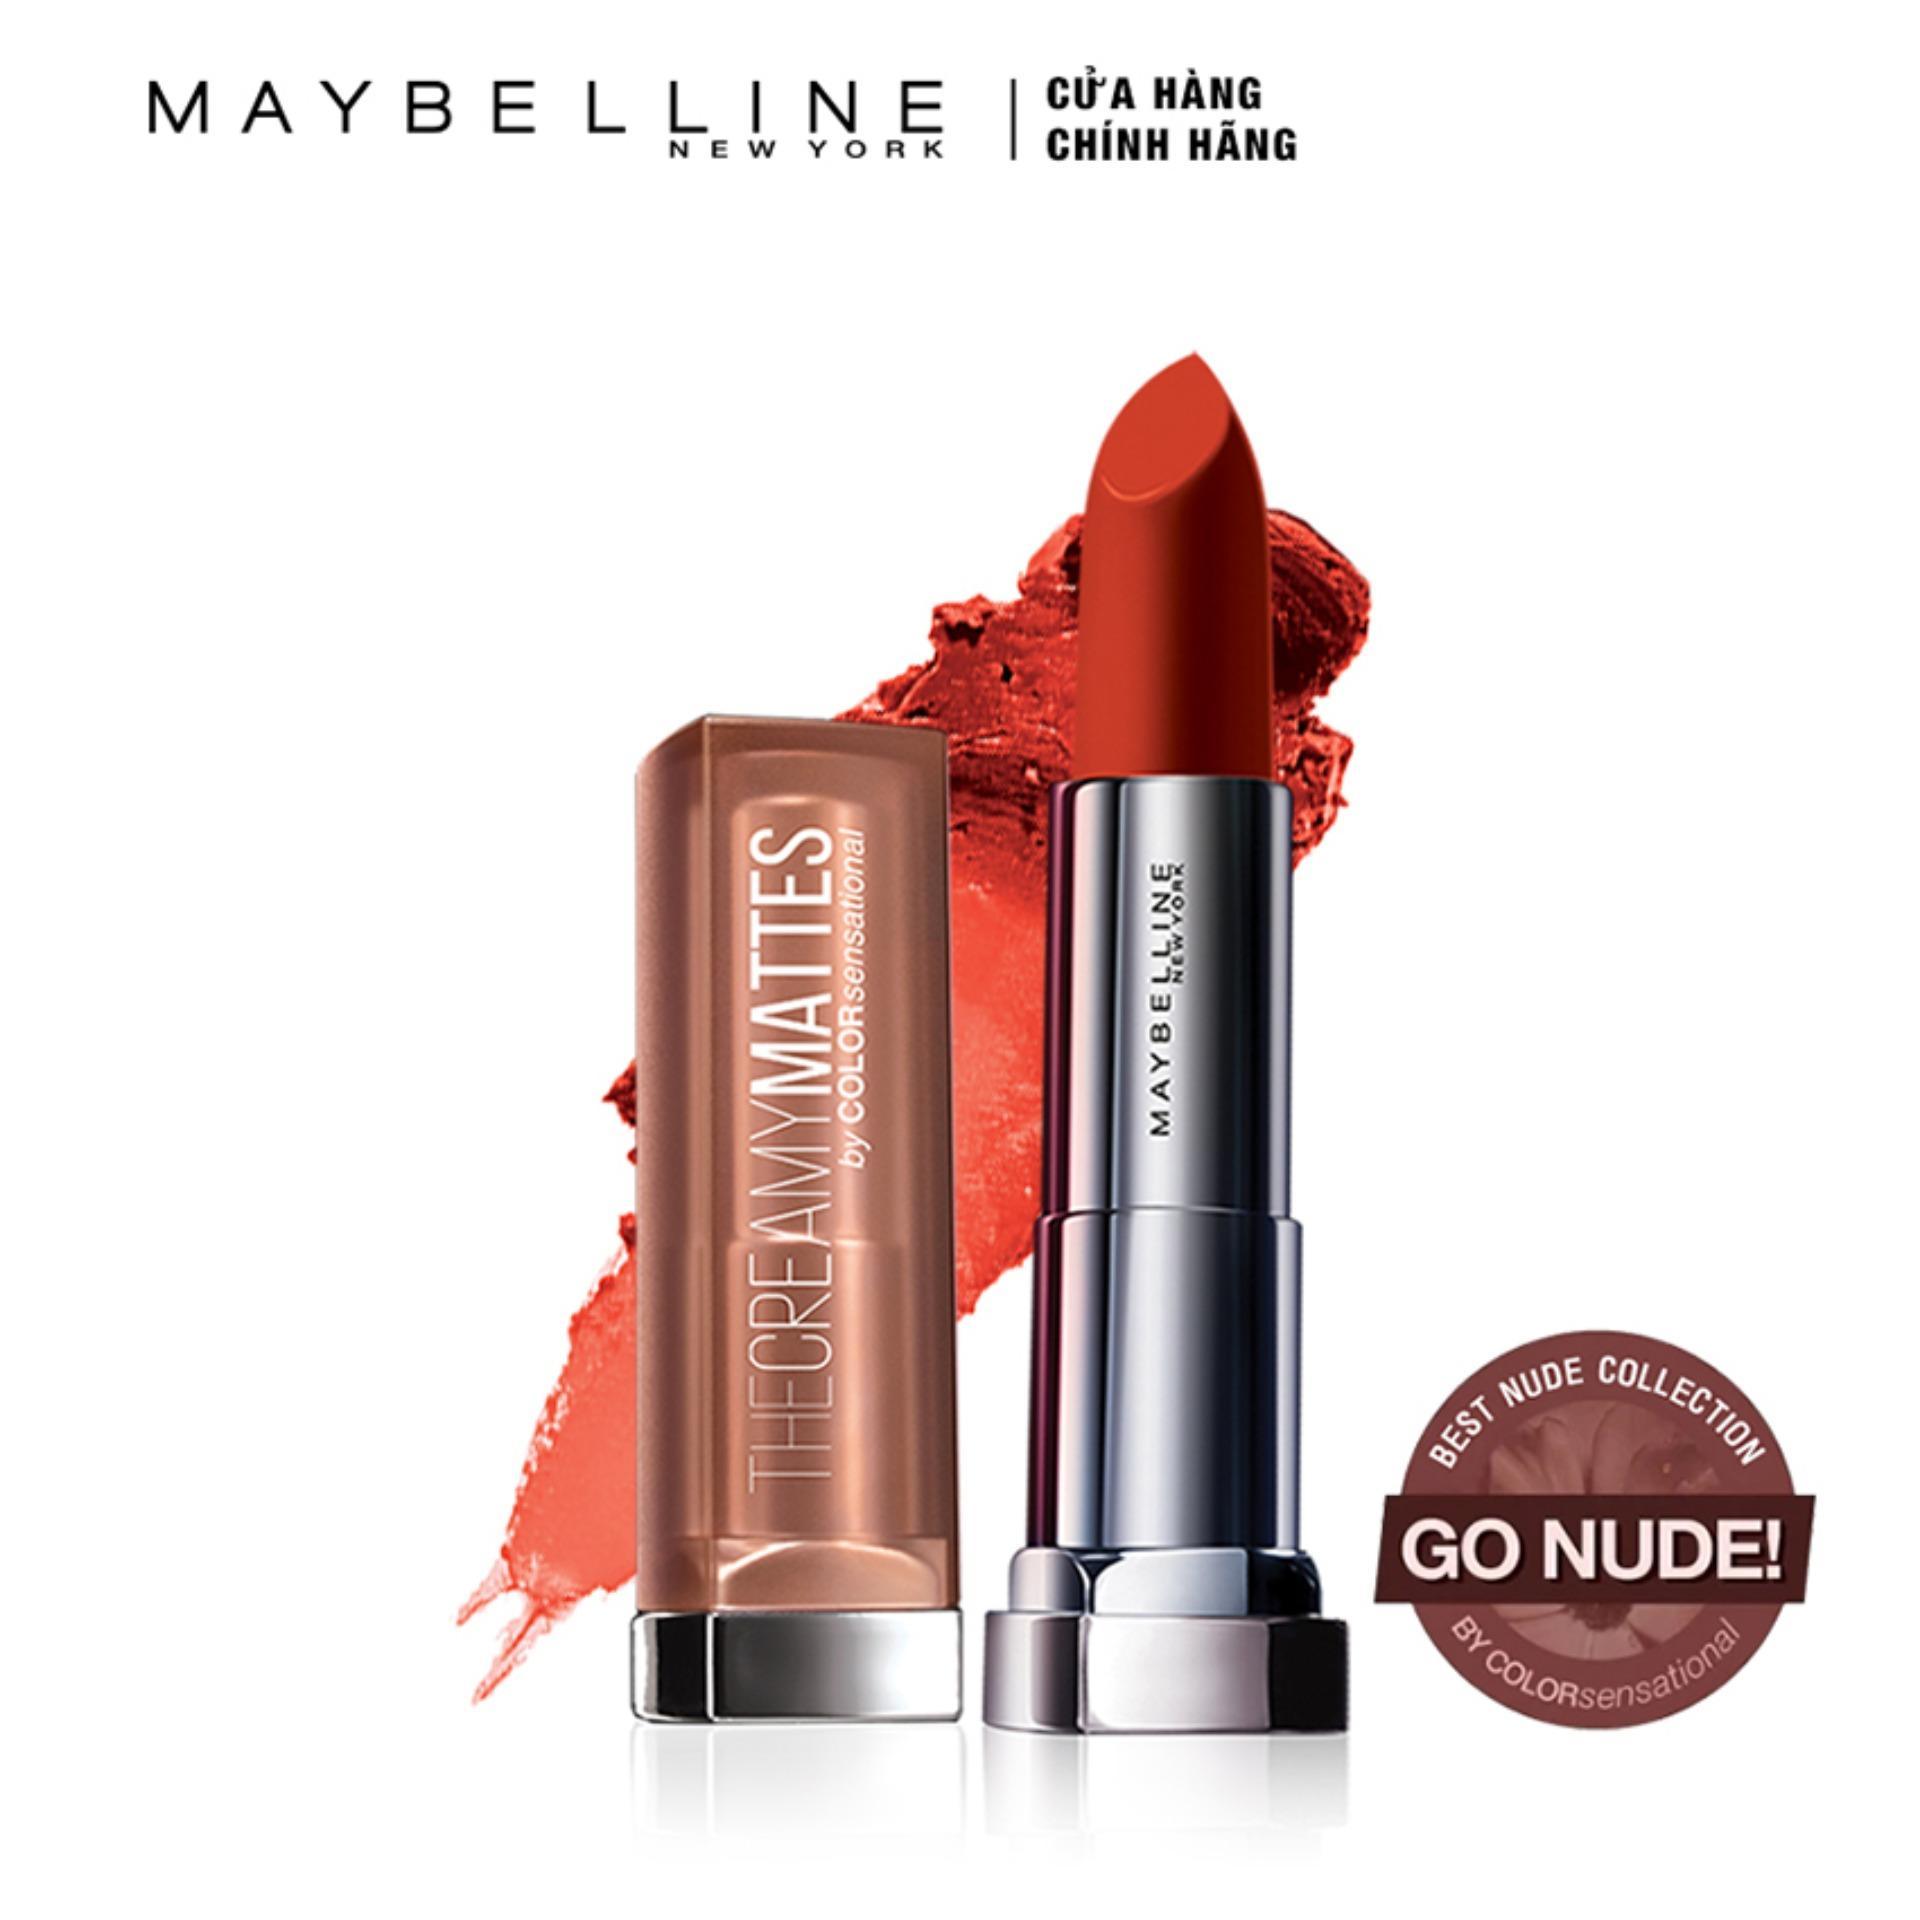 Hình ảnh Son lì nịnh môi Maybelline New York Creamy Matte - Nude 09: Chili Nude